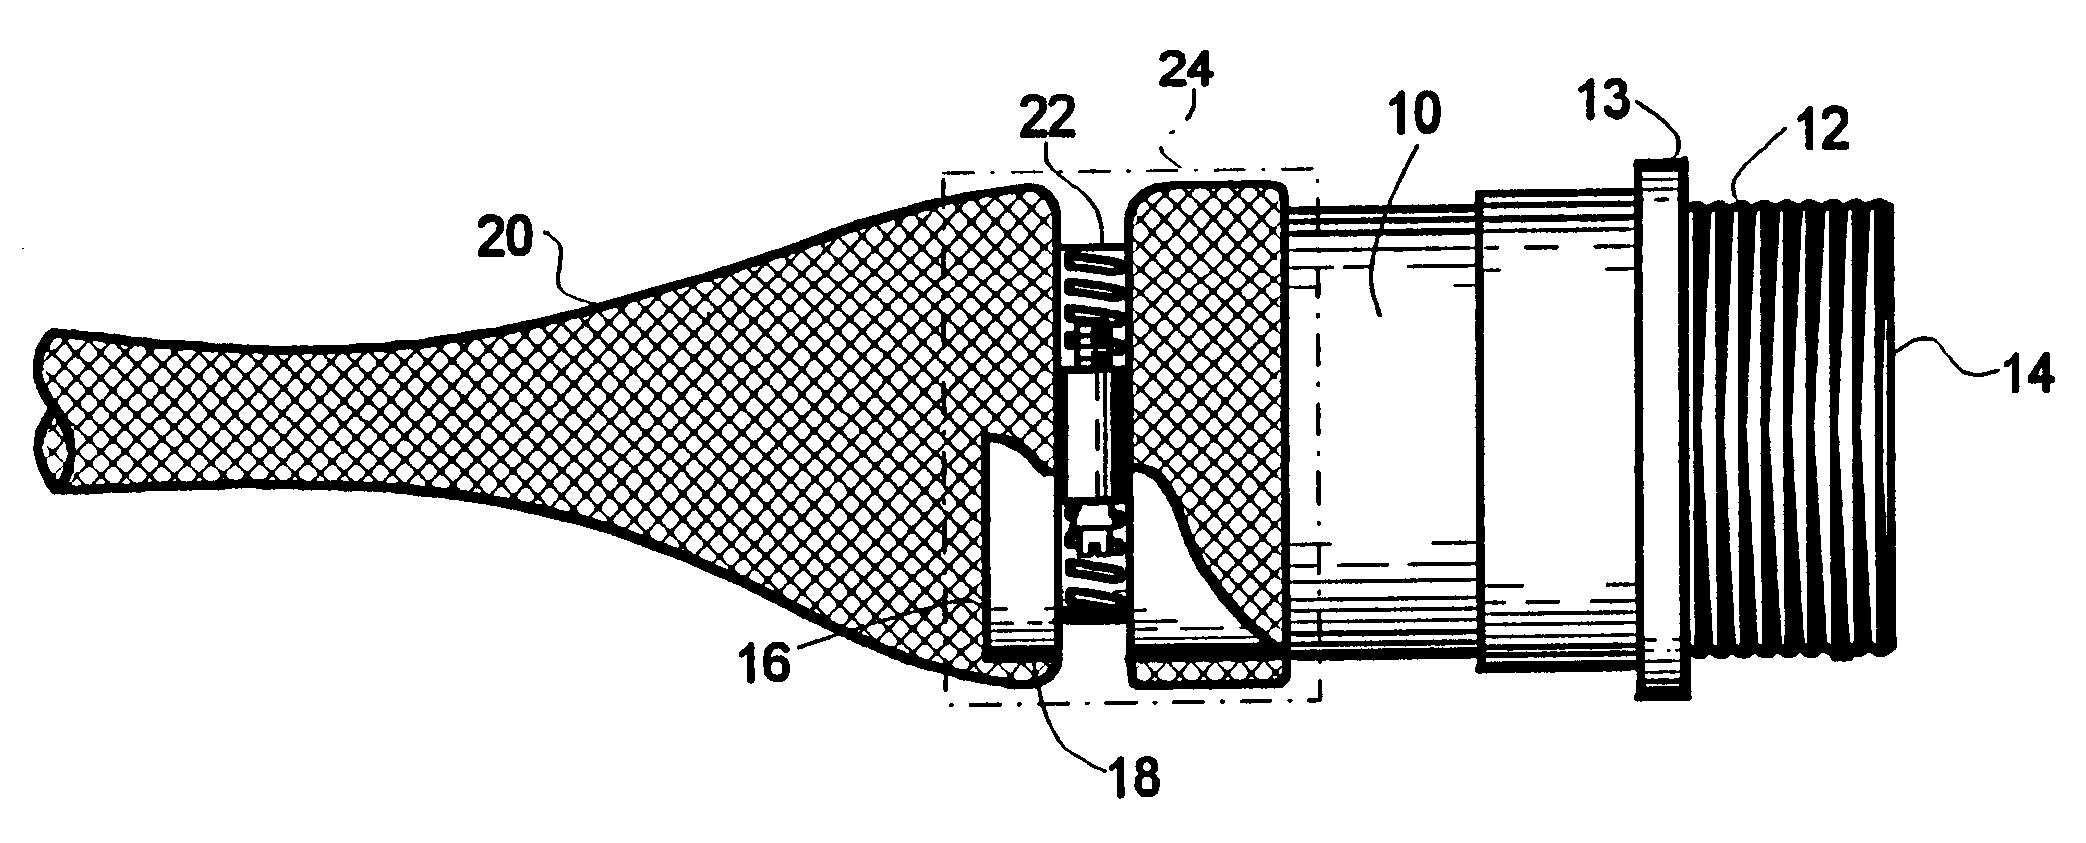 patent us6439929